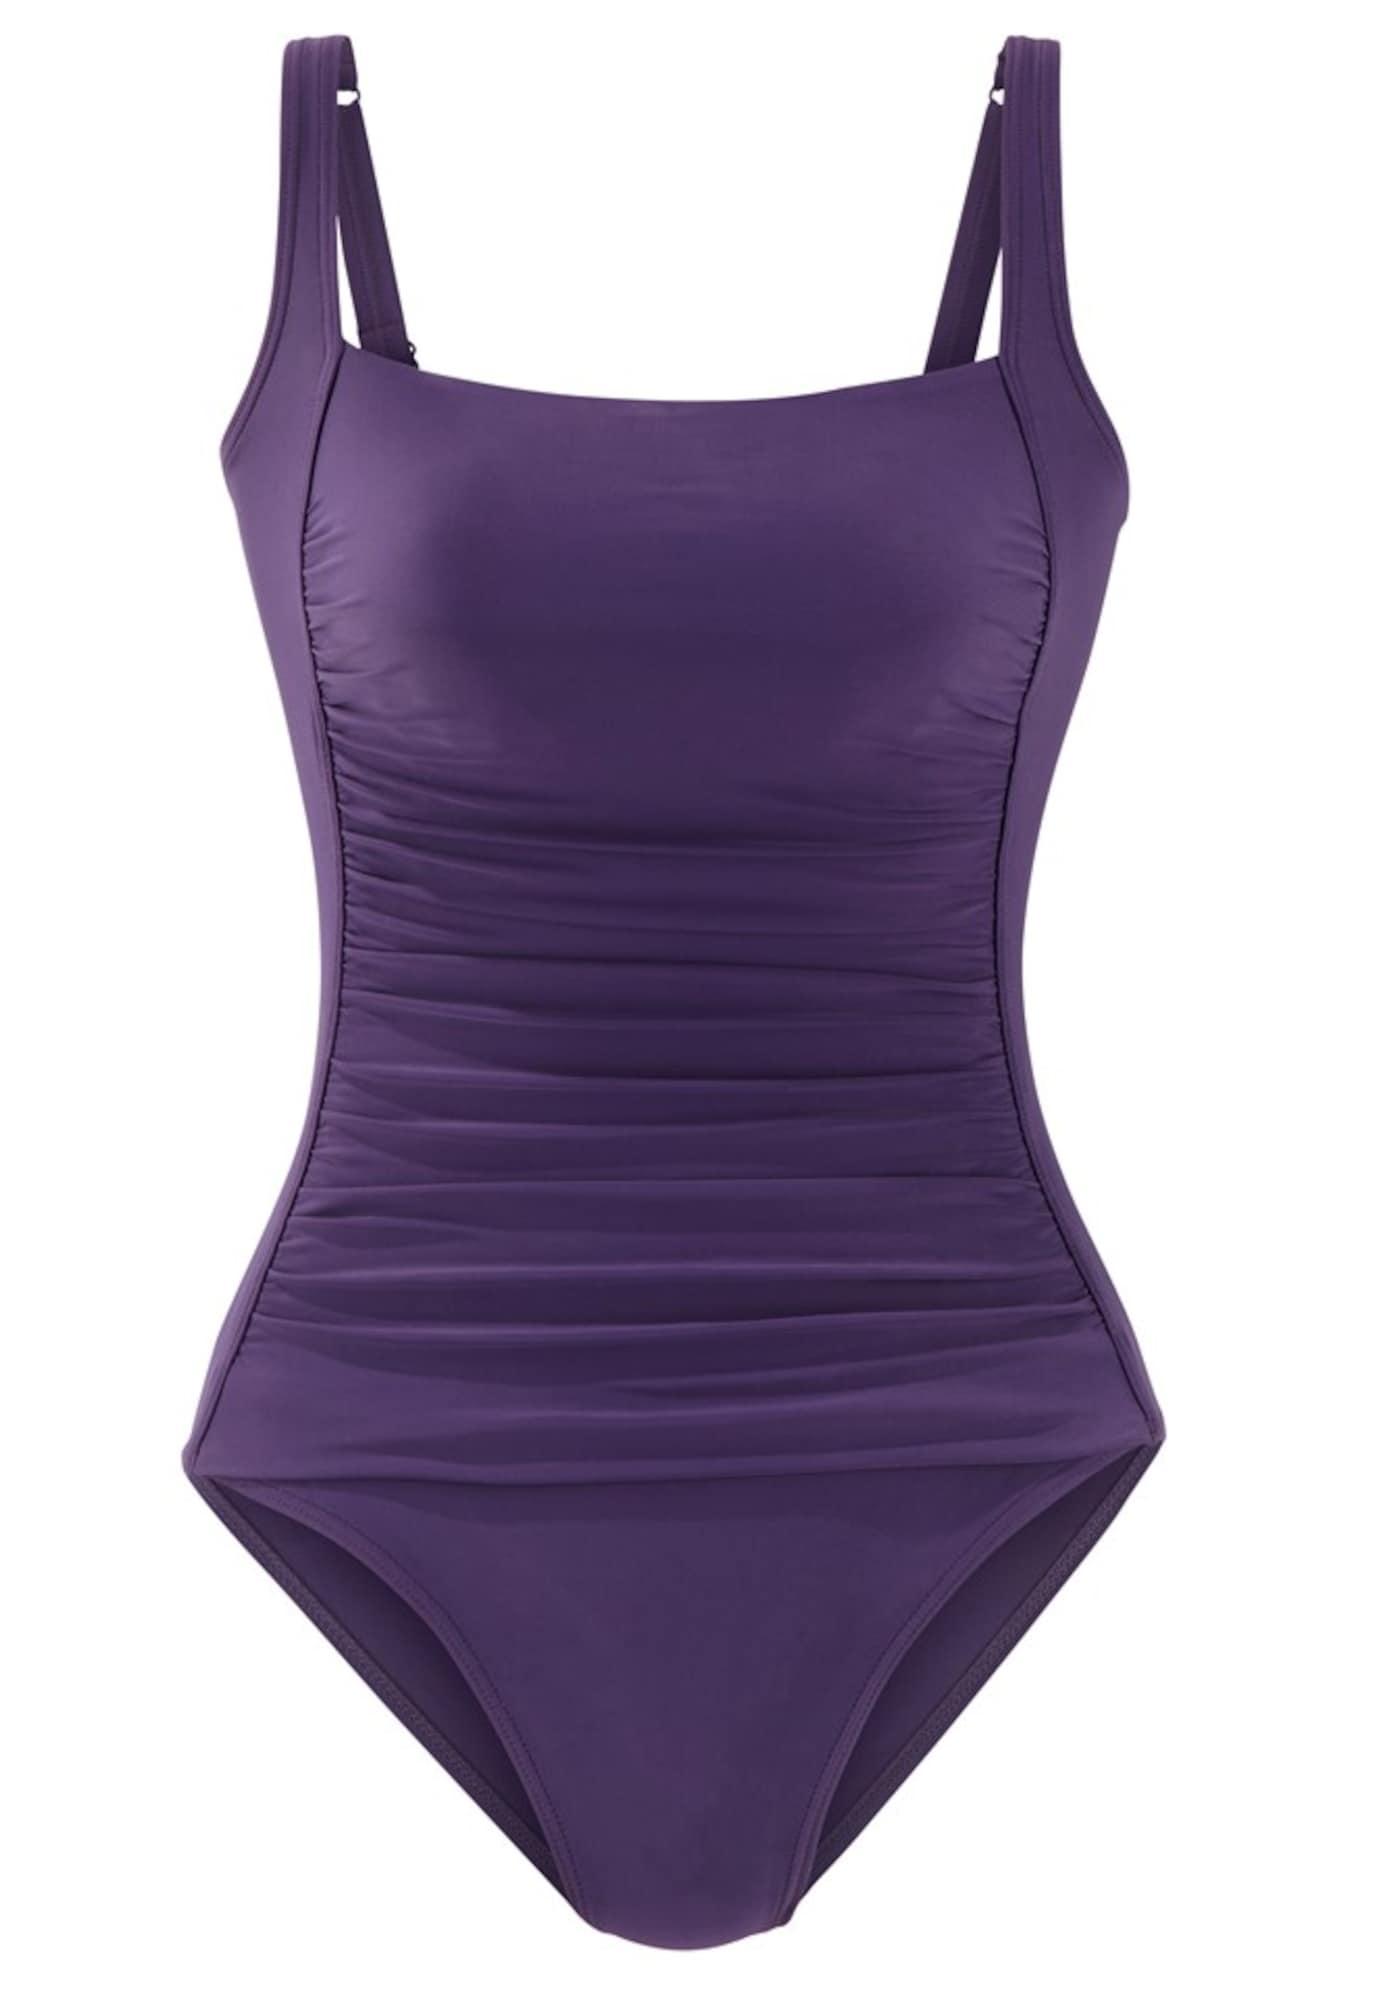 LASCANA Maillot de bain  - Violet - Taille: 38 - female